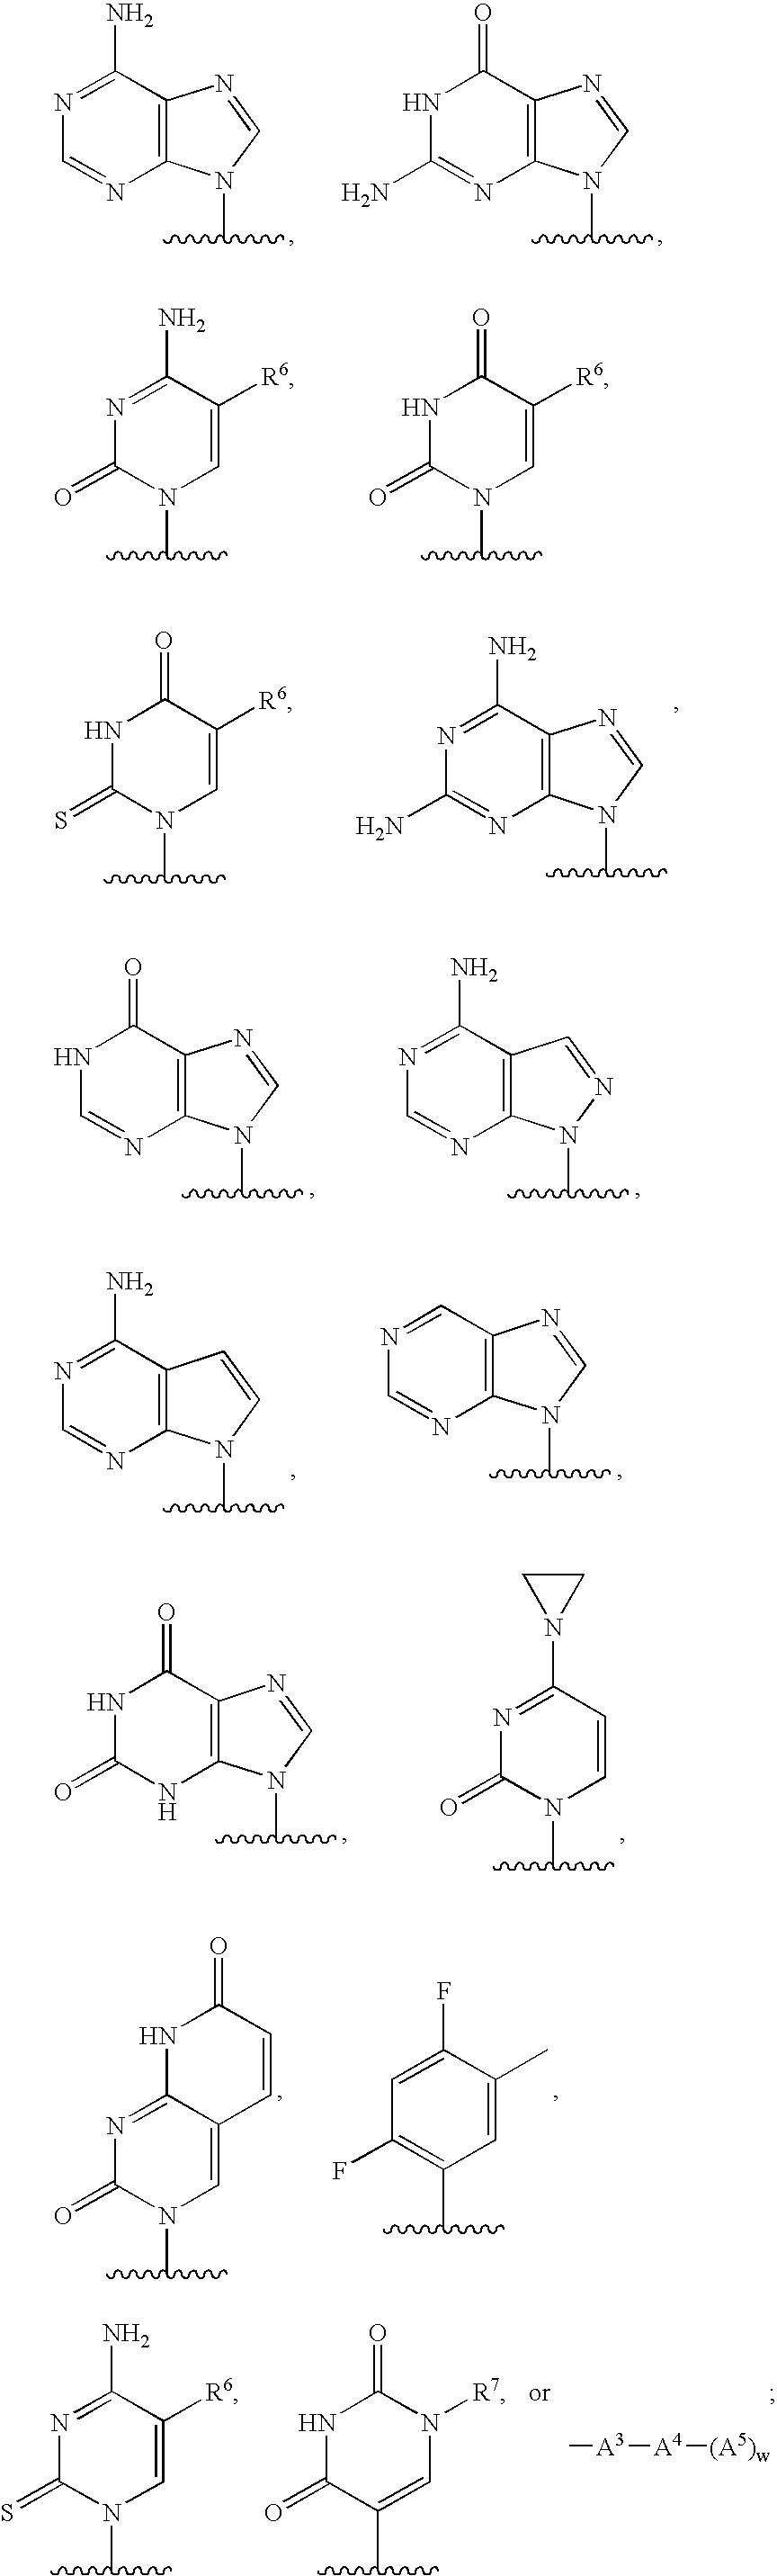 Figure US07674778-20100309-C00182